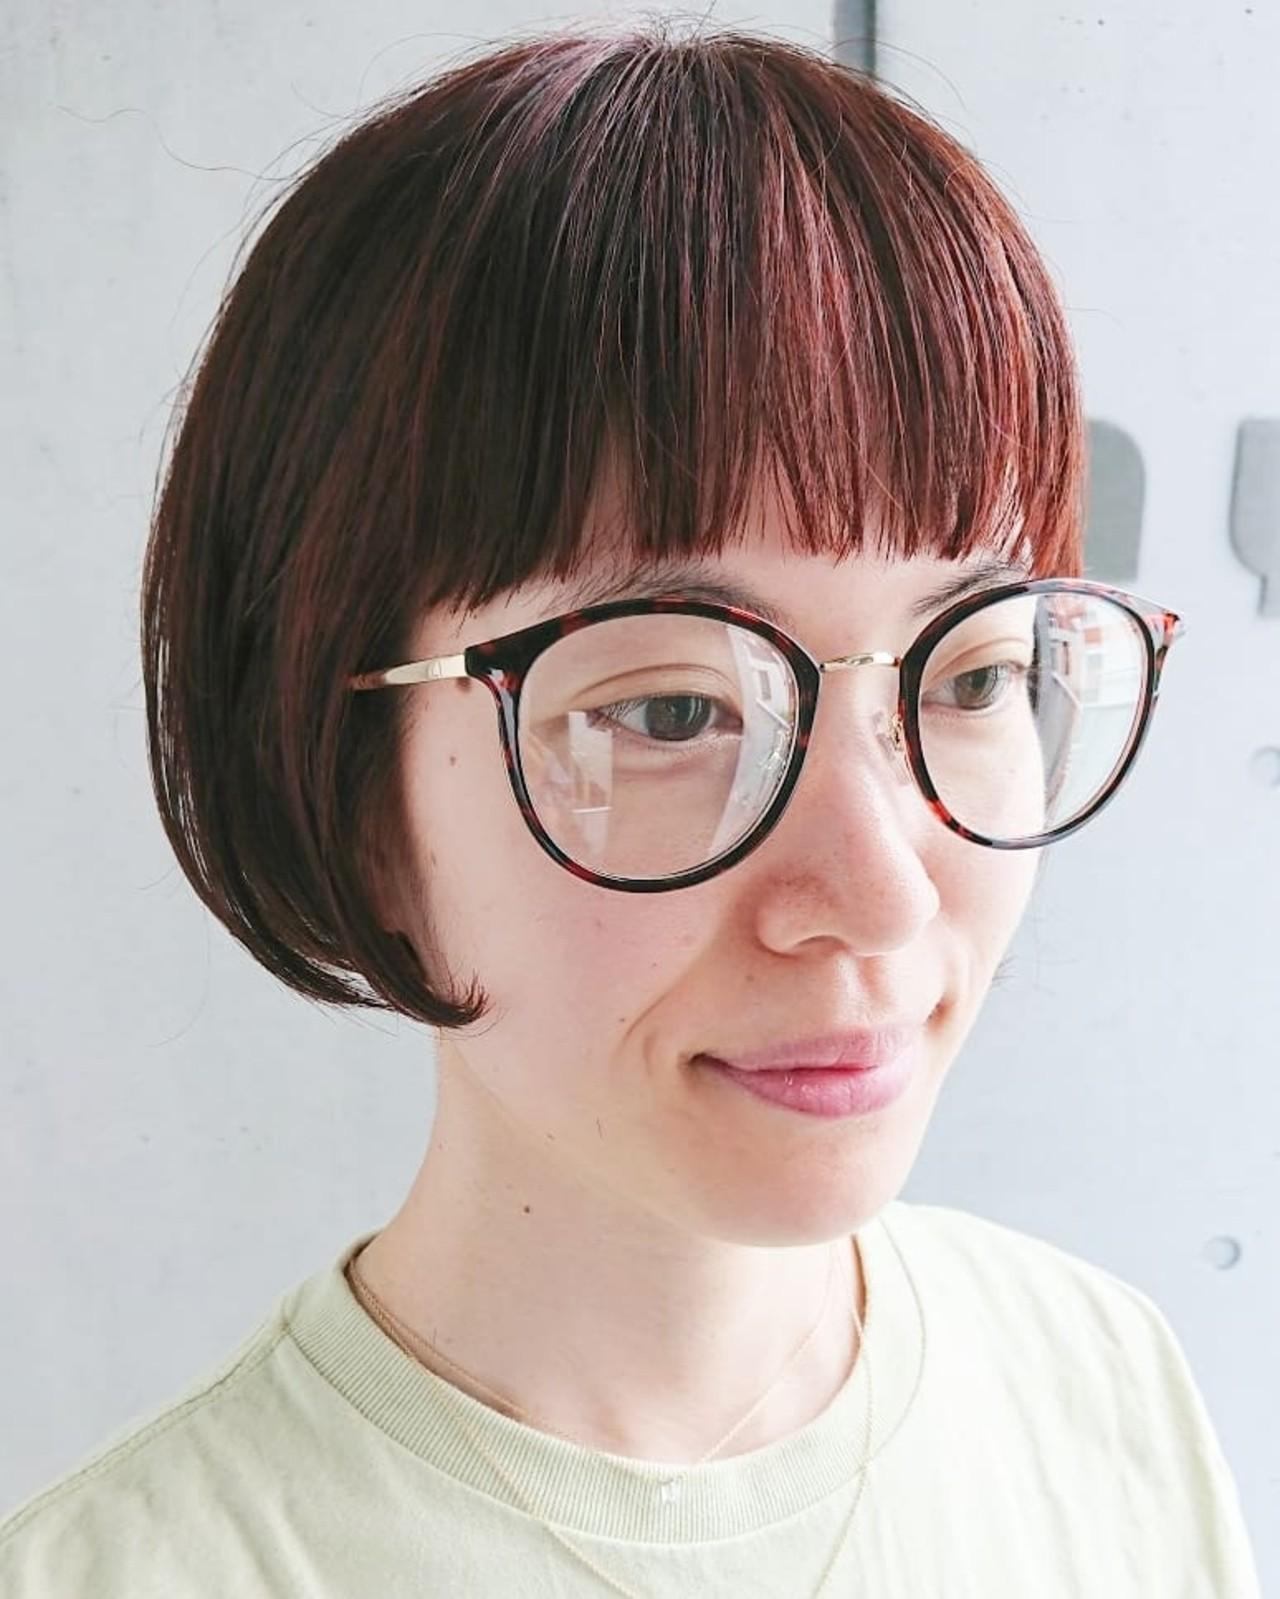 デート ミニボブ 前髪パッツン ショートボブ ヘアスタイルや髪型の写真・画像